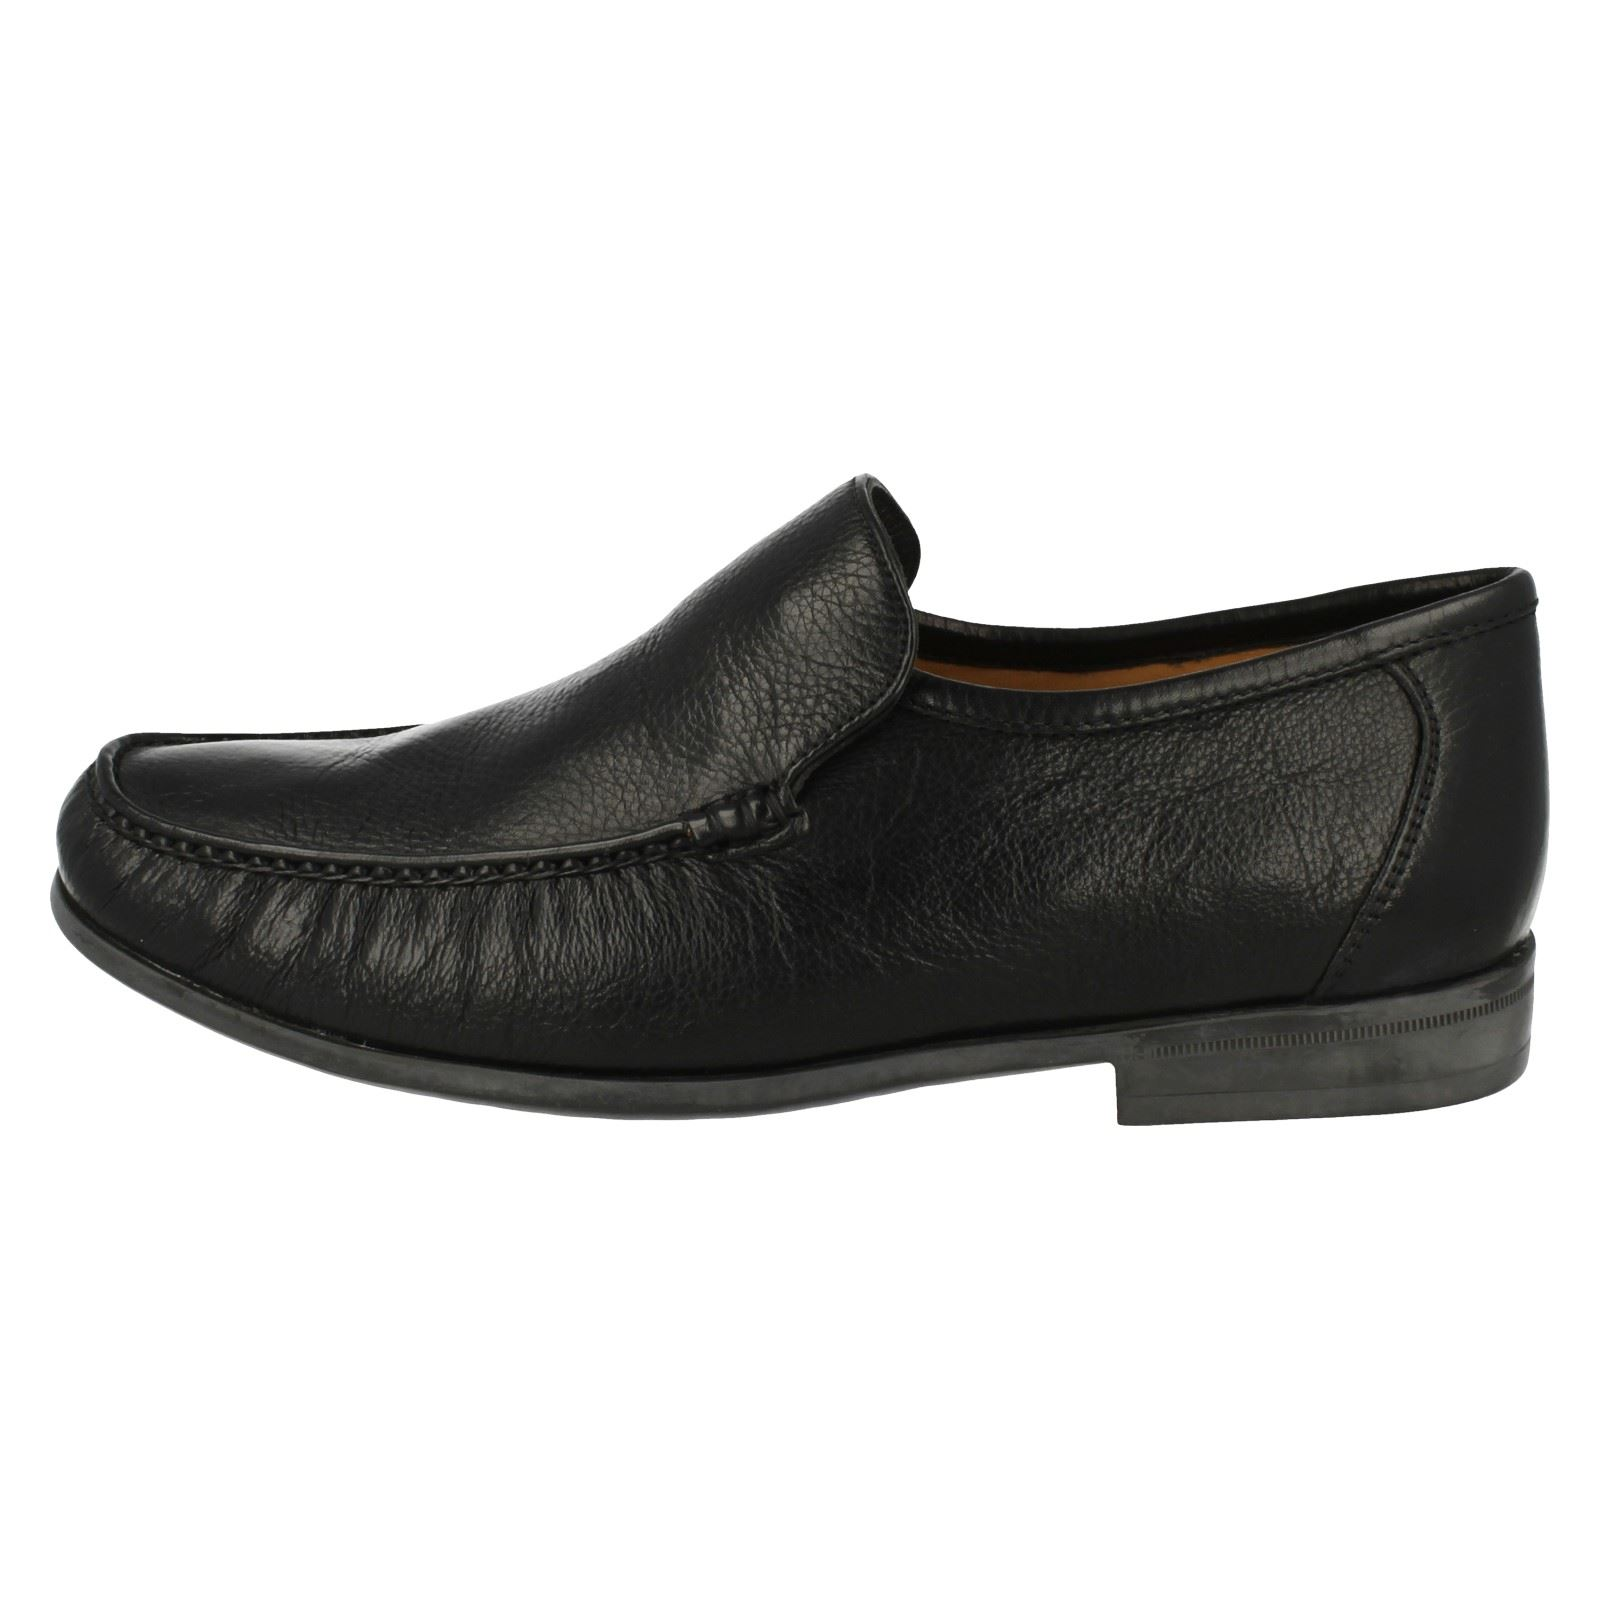 Hommes / femmes femmes / Homme Anatomic Mocassin Chaussures Torres Belle couleur Nouveau style TraiteHommes t parfait e033b2